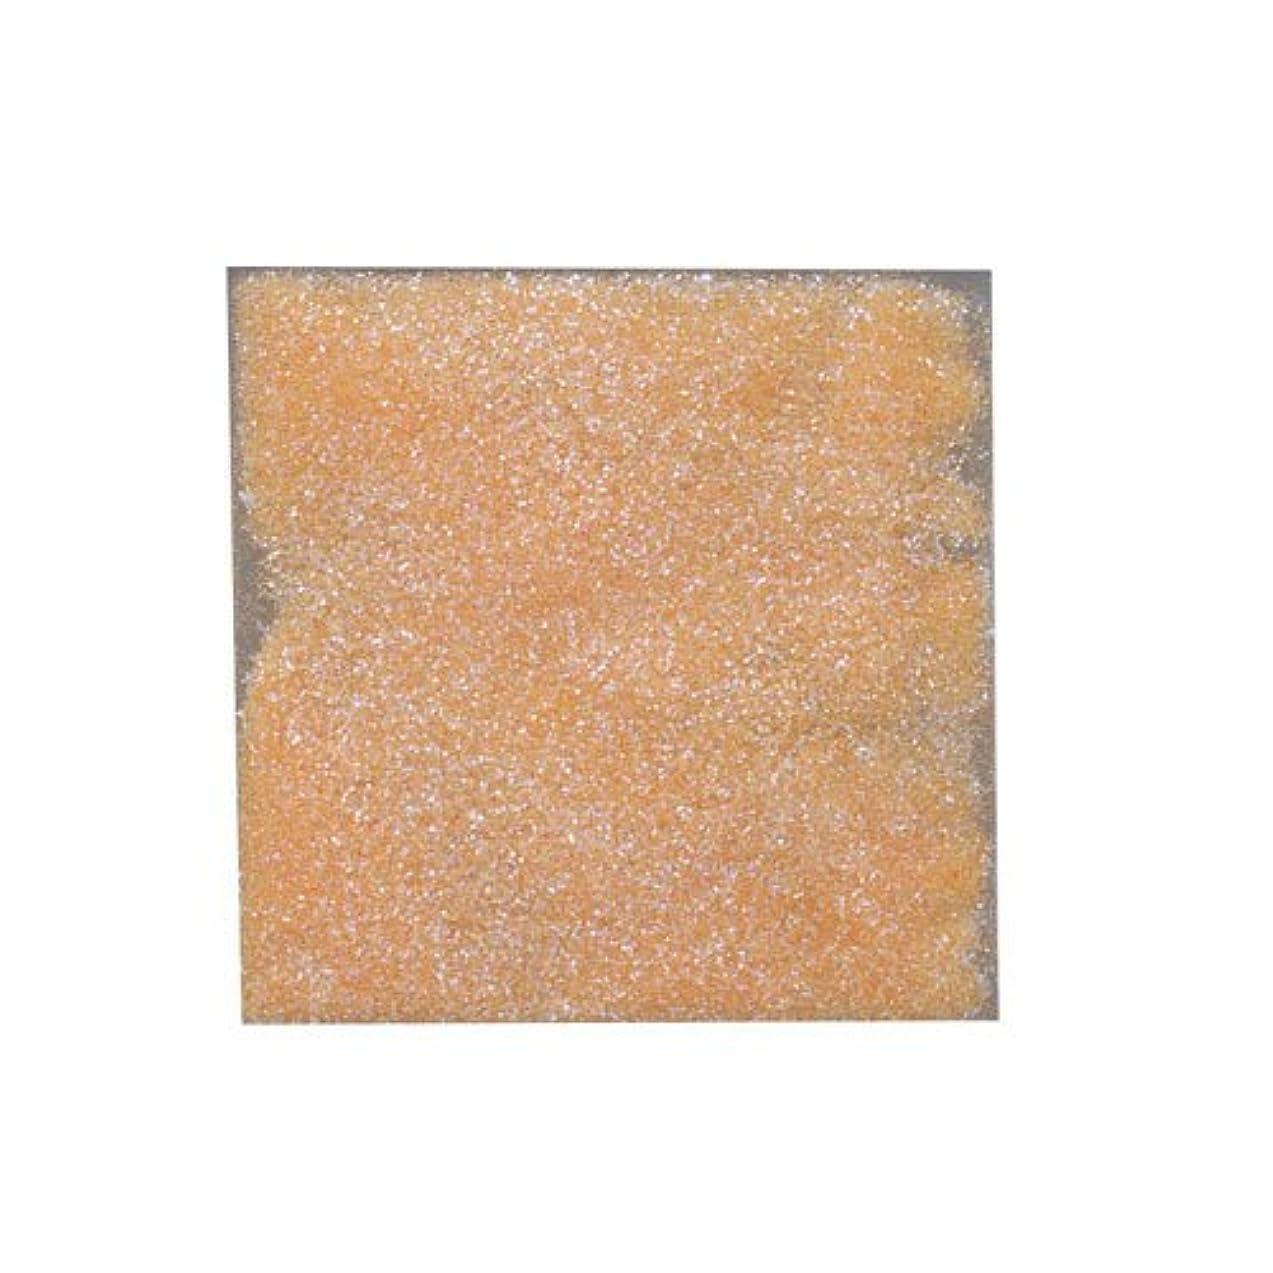 一杯誇大妄想エアコンピカエース ネイル用パウダー ラメカラーオーロラB 耐溶剤 S #532 オレンジ 0.7g